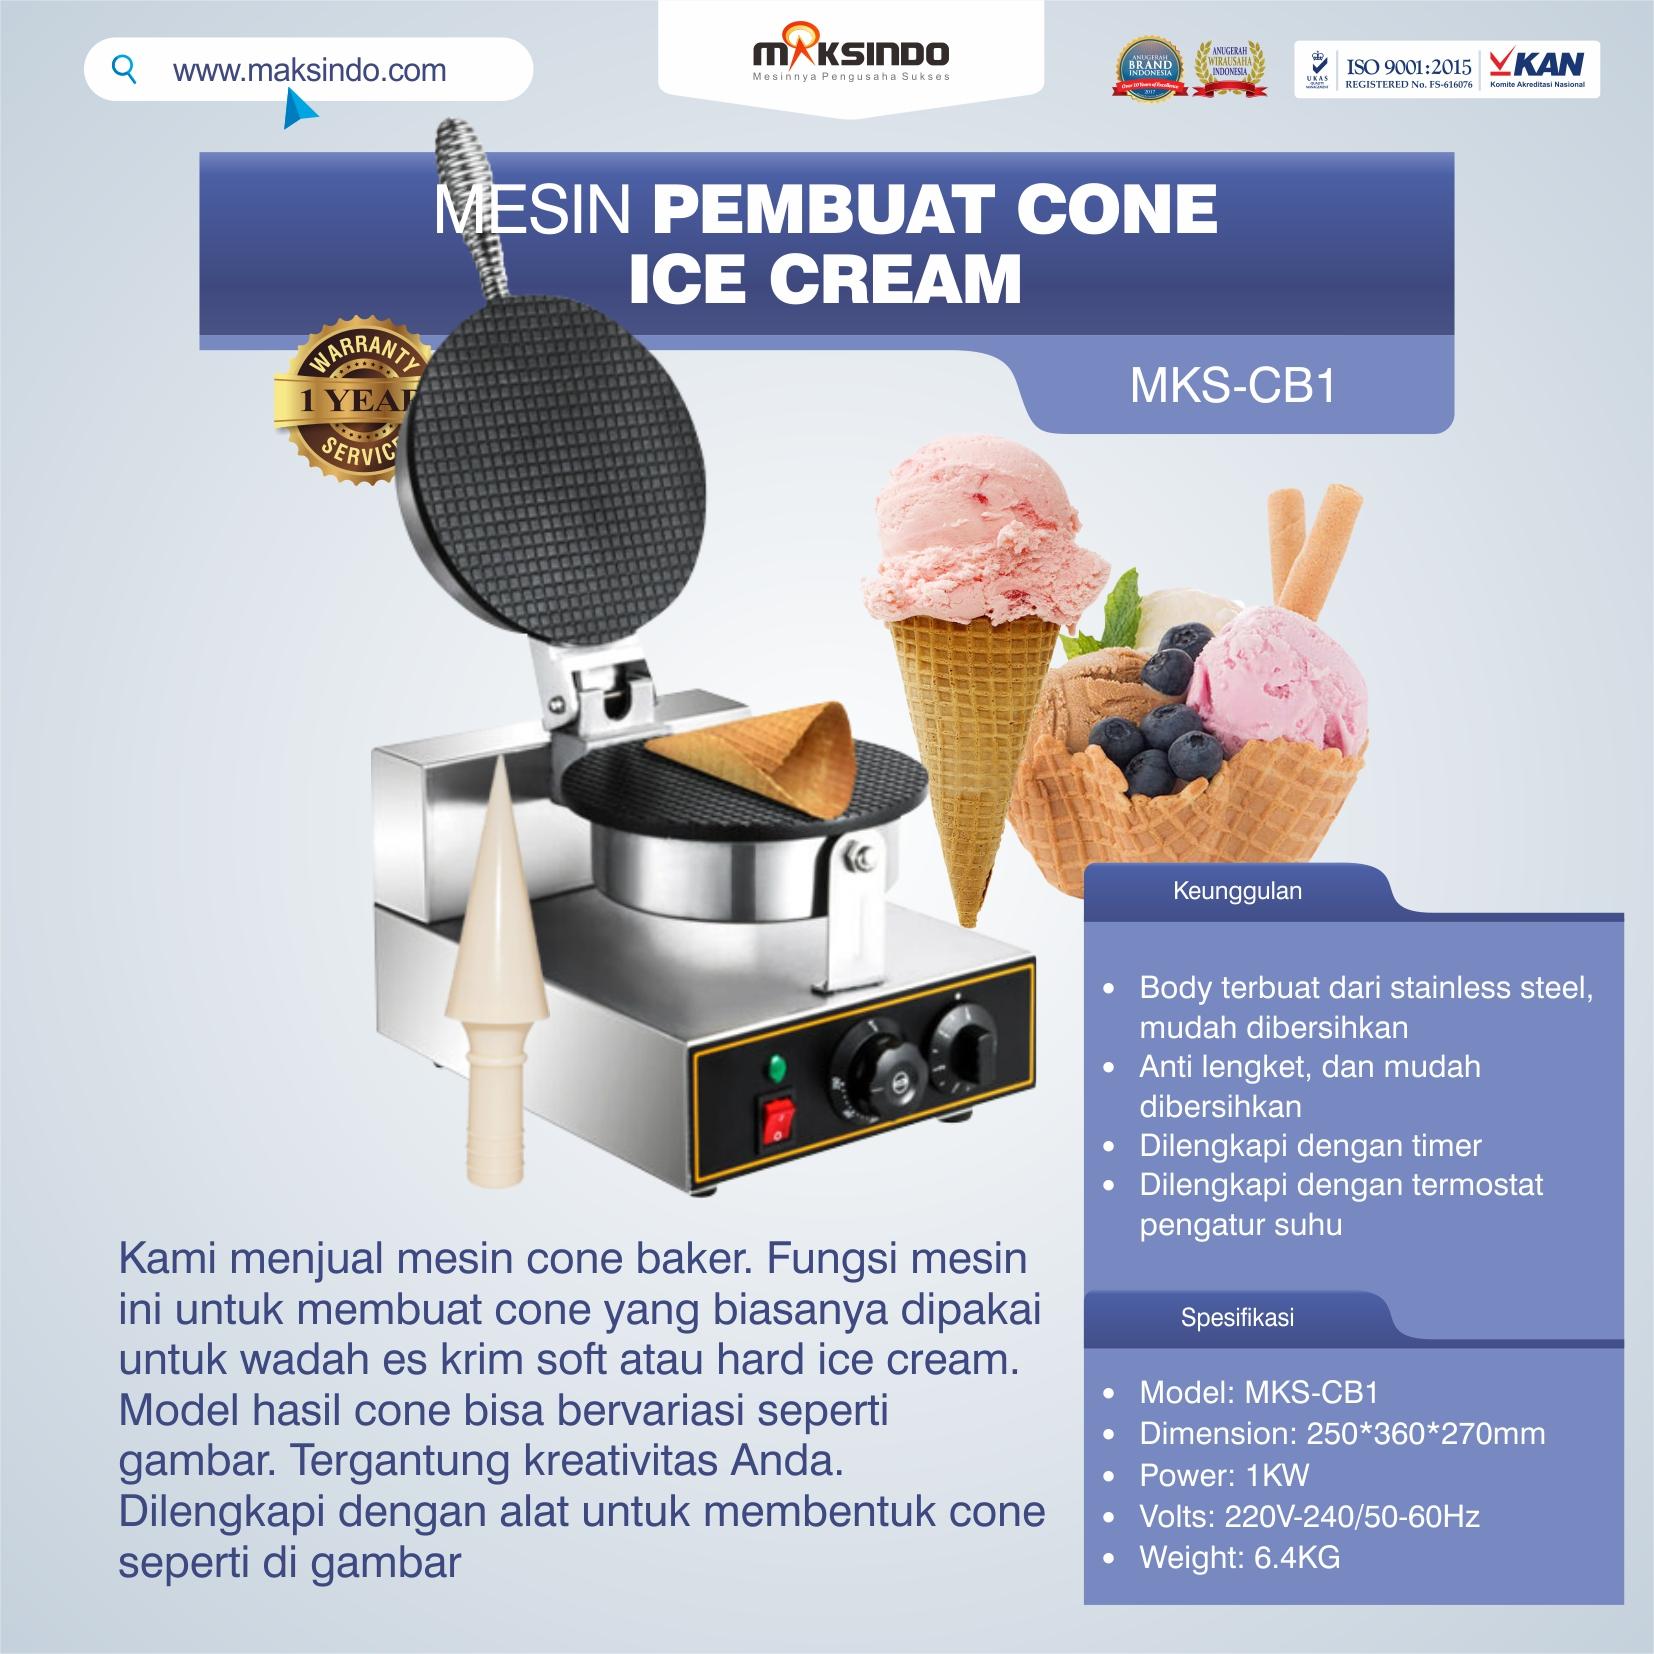 Jual Mesin Pembuat Cone (Cone Baker) Untuk Es Krim di Yogyakarta